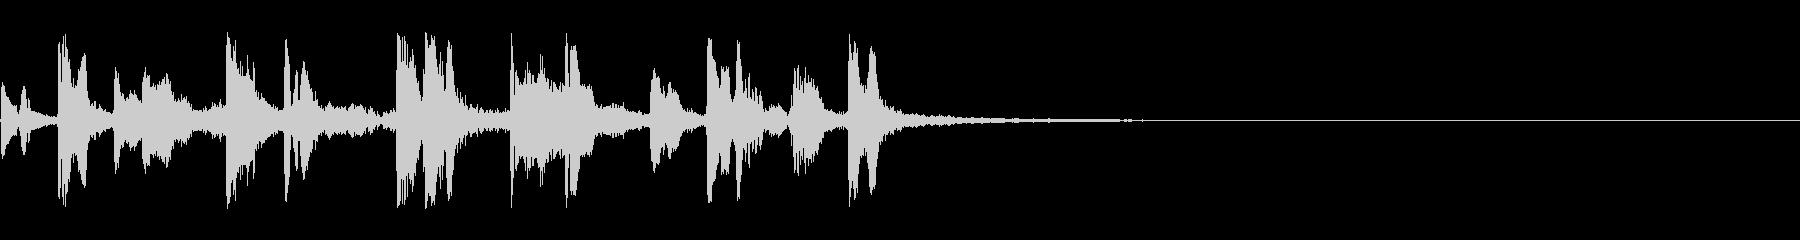 まぬけな脱力系導入音_その5の未再生の波形